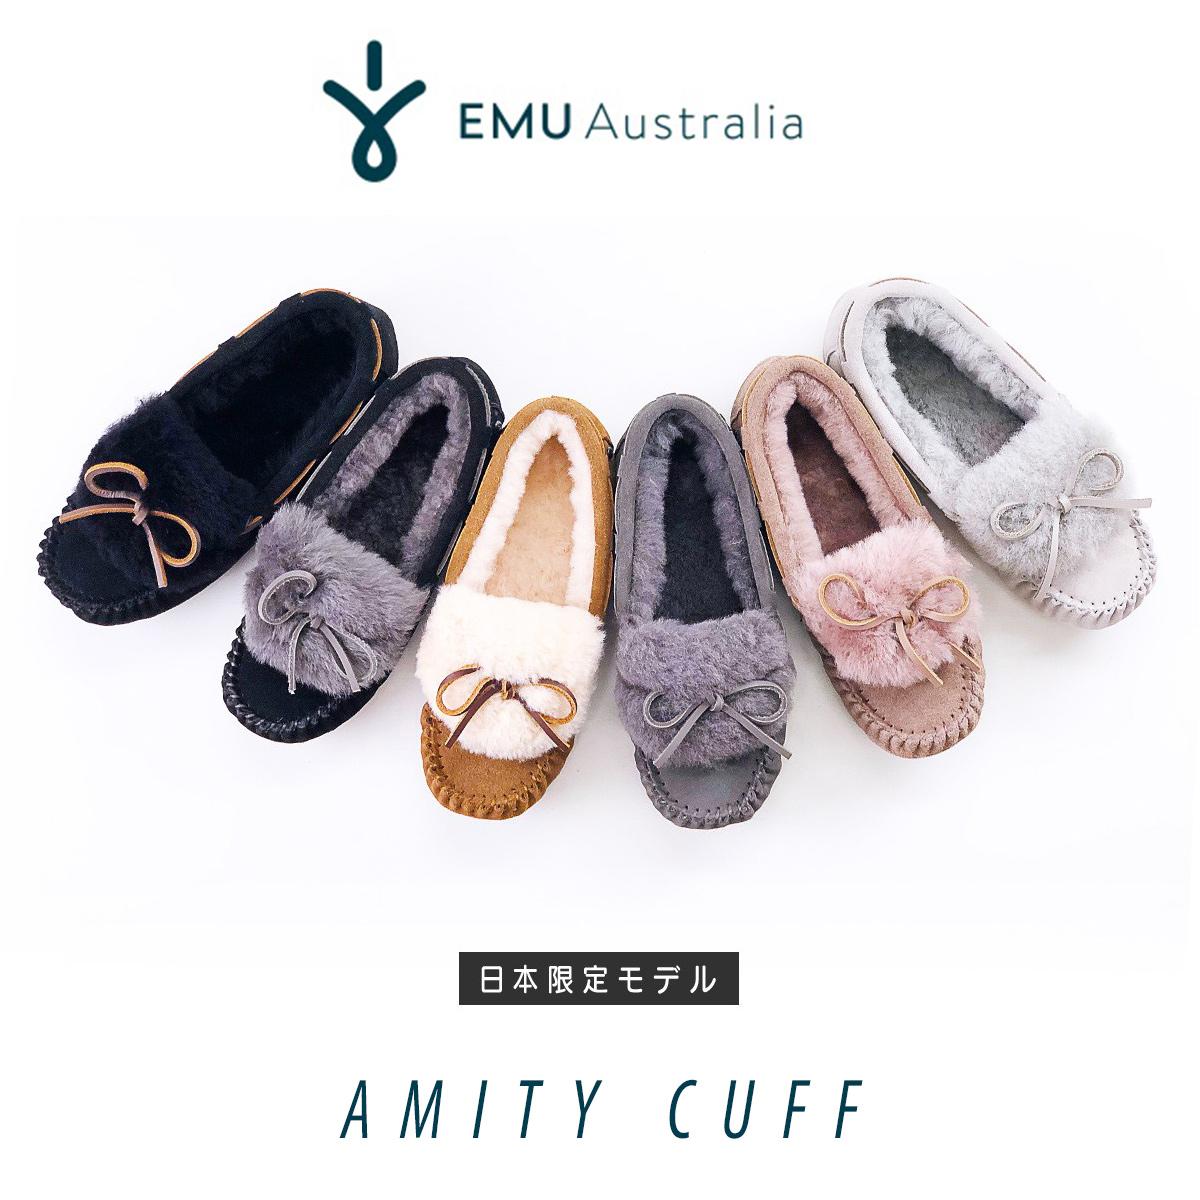 ムートン モカシン ブーツ ファー エミュ エミュー EMU Amity Cuff アミティカフ W11200 レディース メンズ 2018 秋冬 送料無料